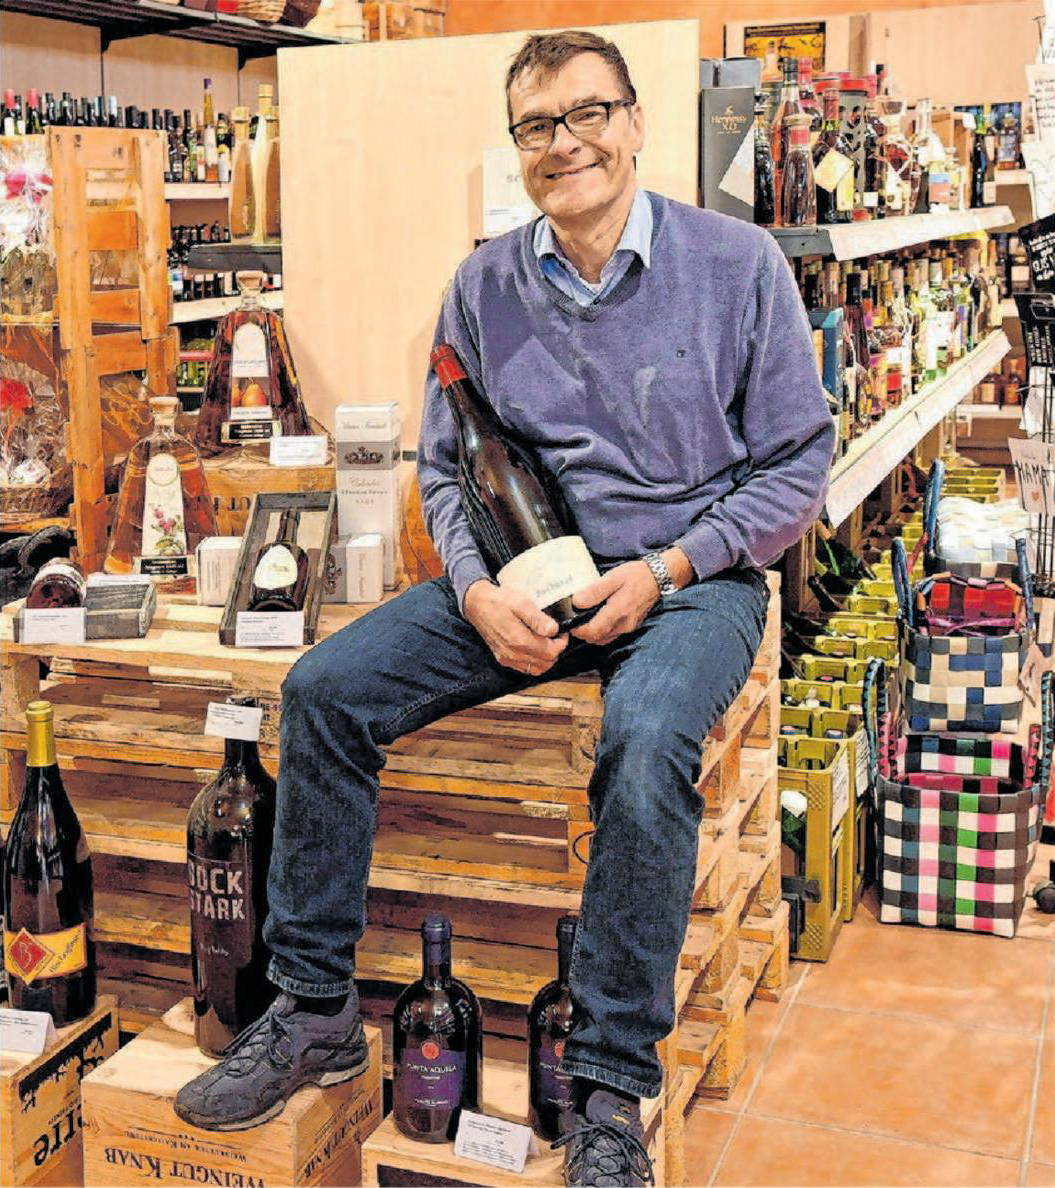 """Weinexperte Otto-Martin Edel als Weinliebhaber freut sich auf seine """"Edle Weinmesse"""" am kommenden Samstag."""